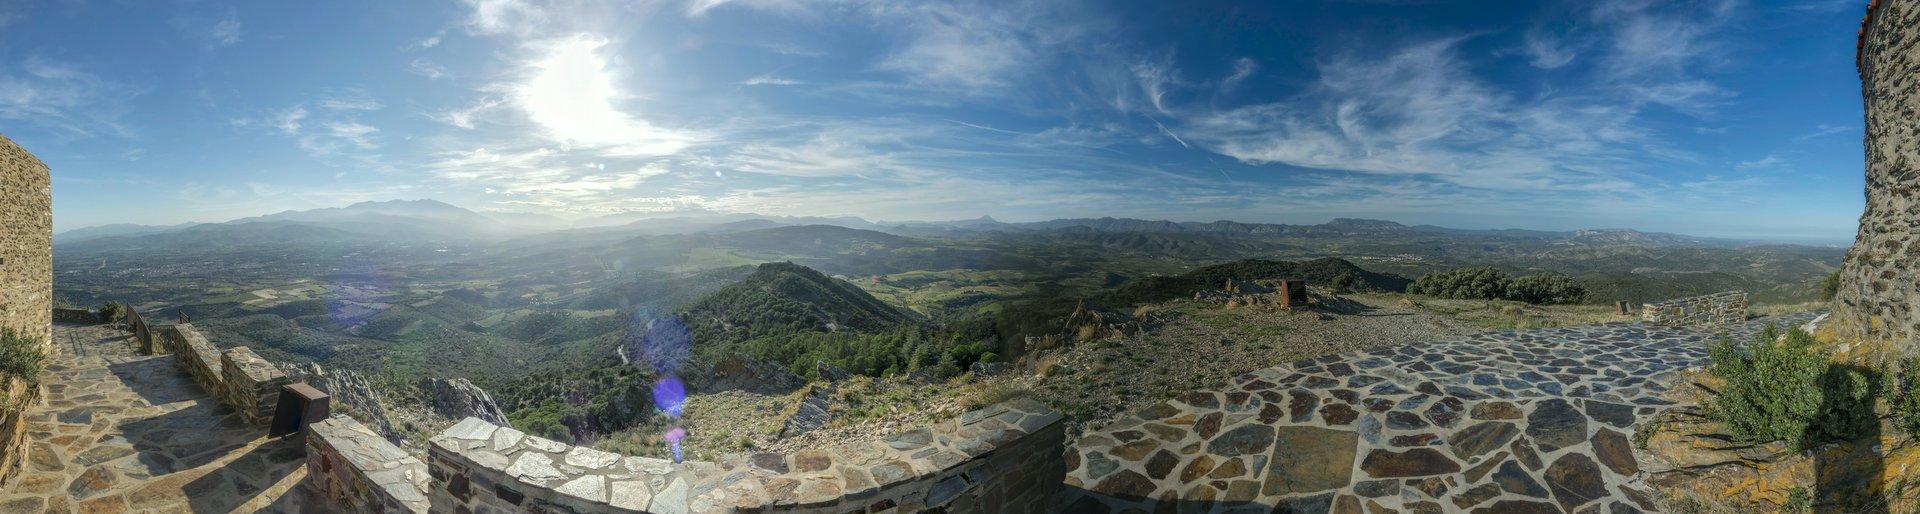 Westliches und nördliches Panorama auf dem Força Réal